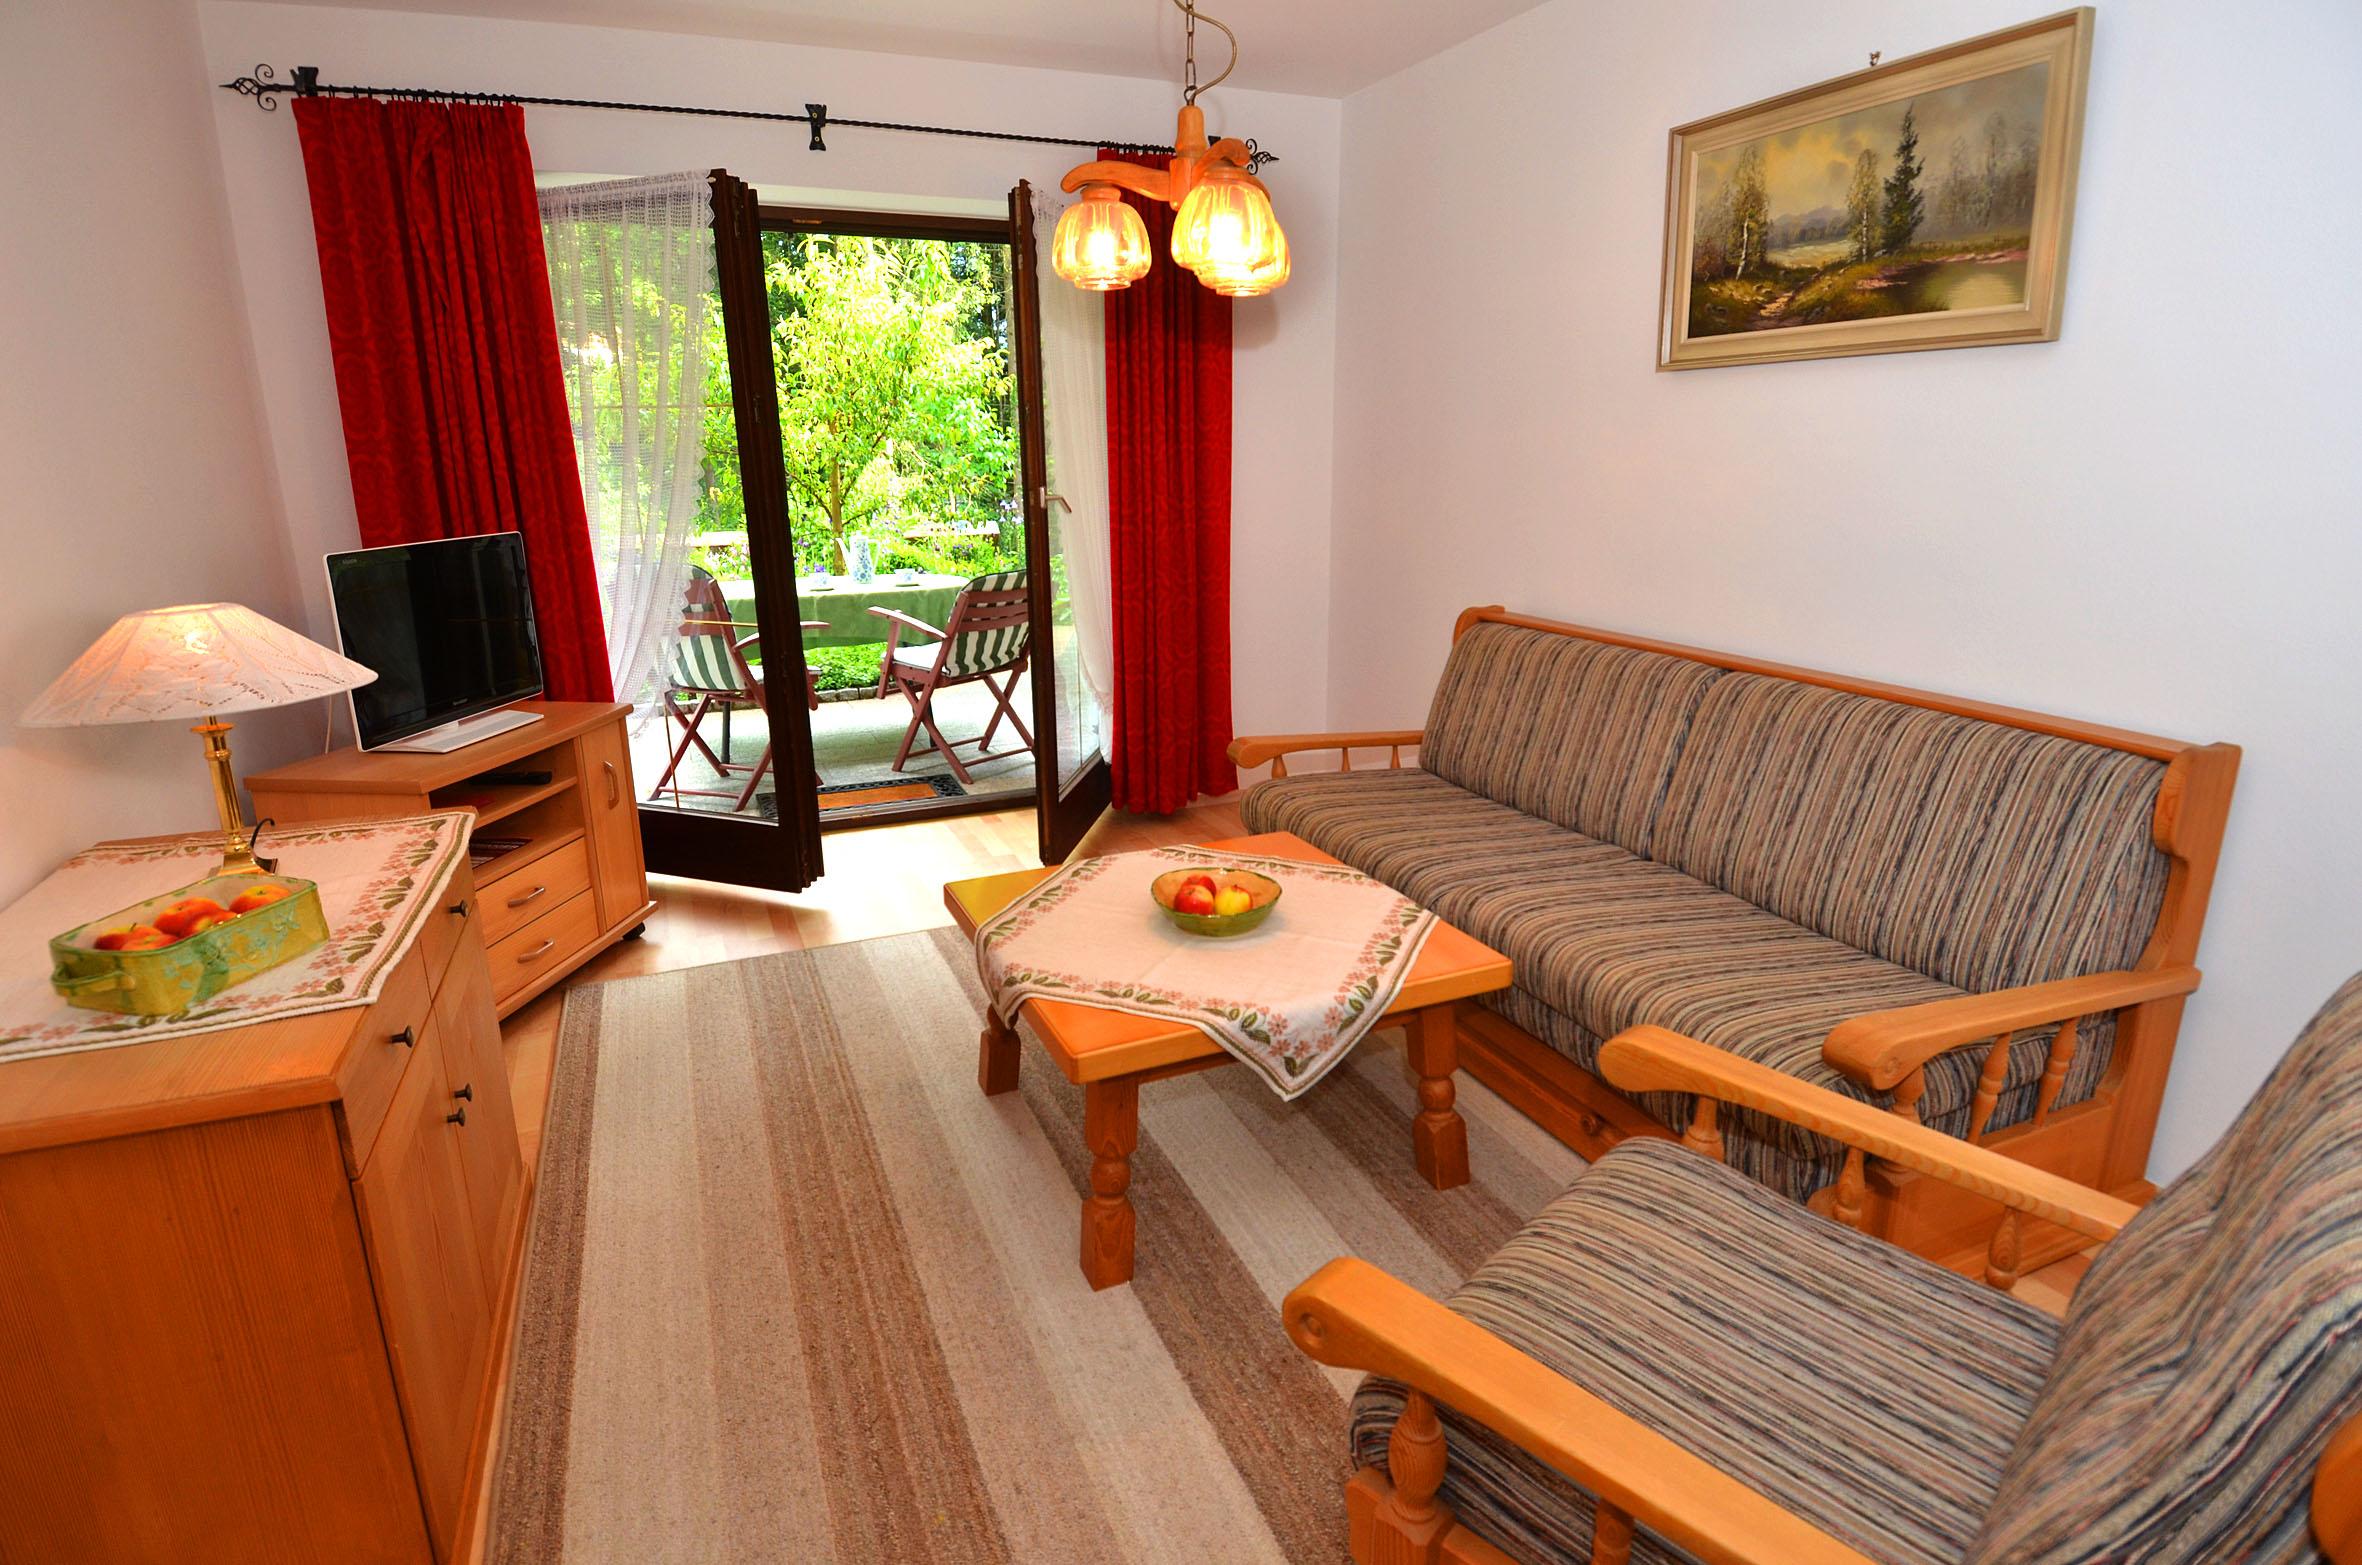 katalog. Black Bedroom Furniture Sets. Home Design Ideas